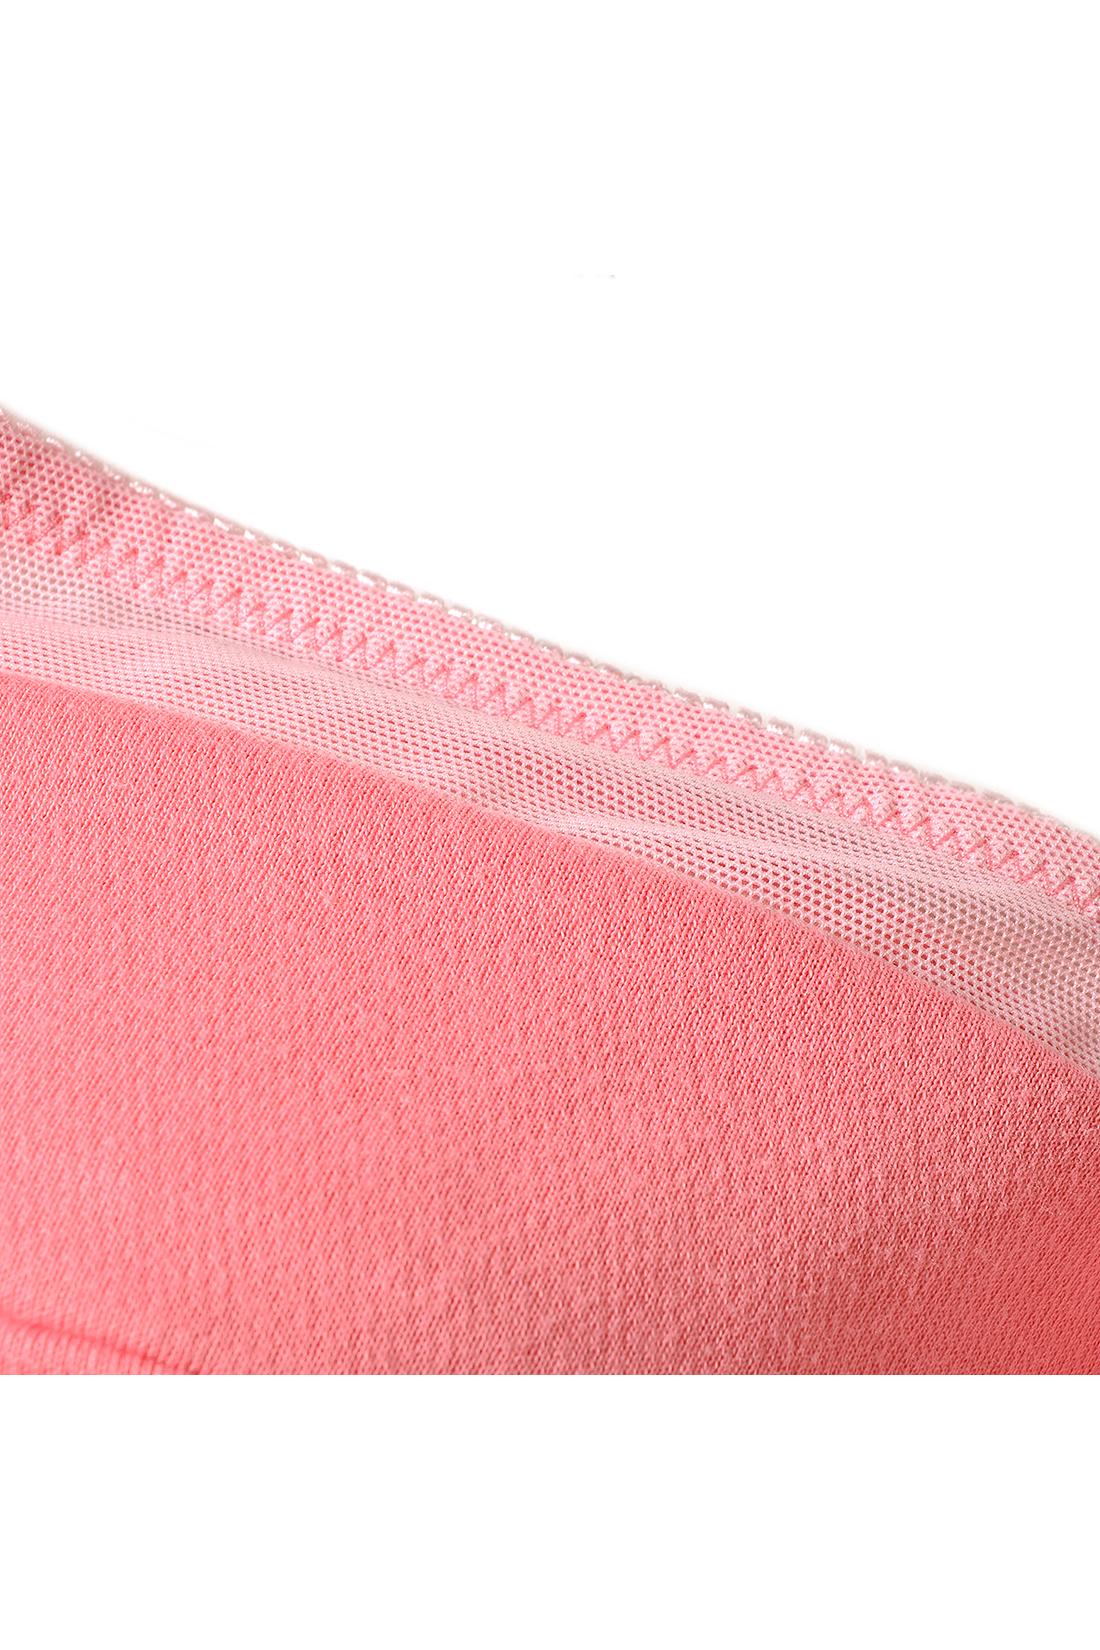 肌側に吸汗速乾素材を使用しているから、汗をかいてもさらりと快適。